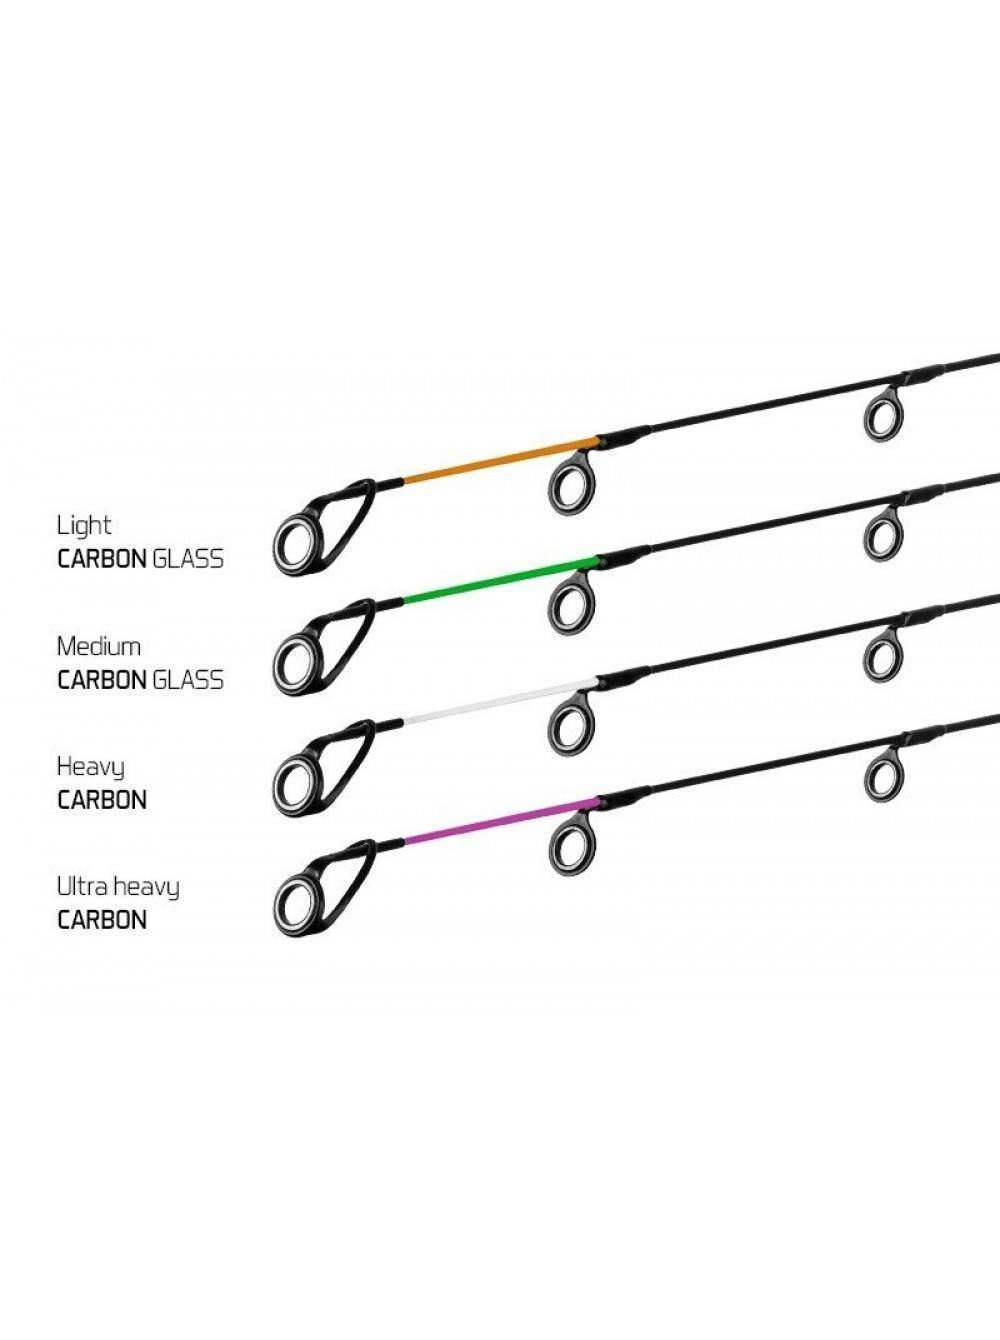 Как выбрать фидерное удилище: тест, длина и материал, лучшие модели фидеров